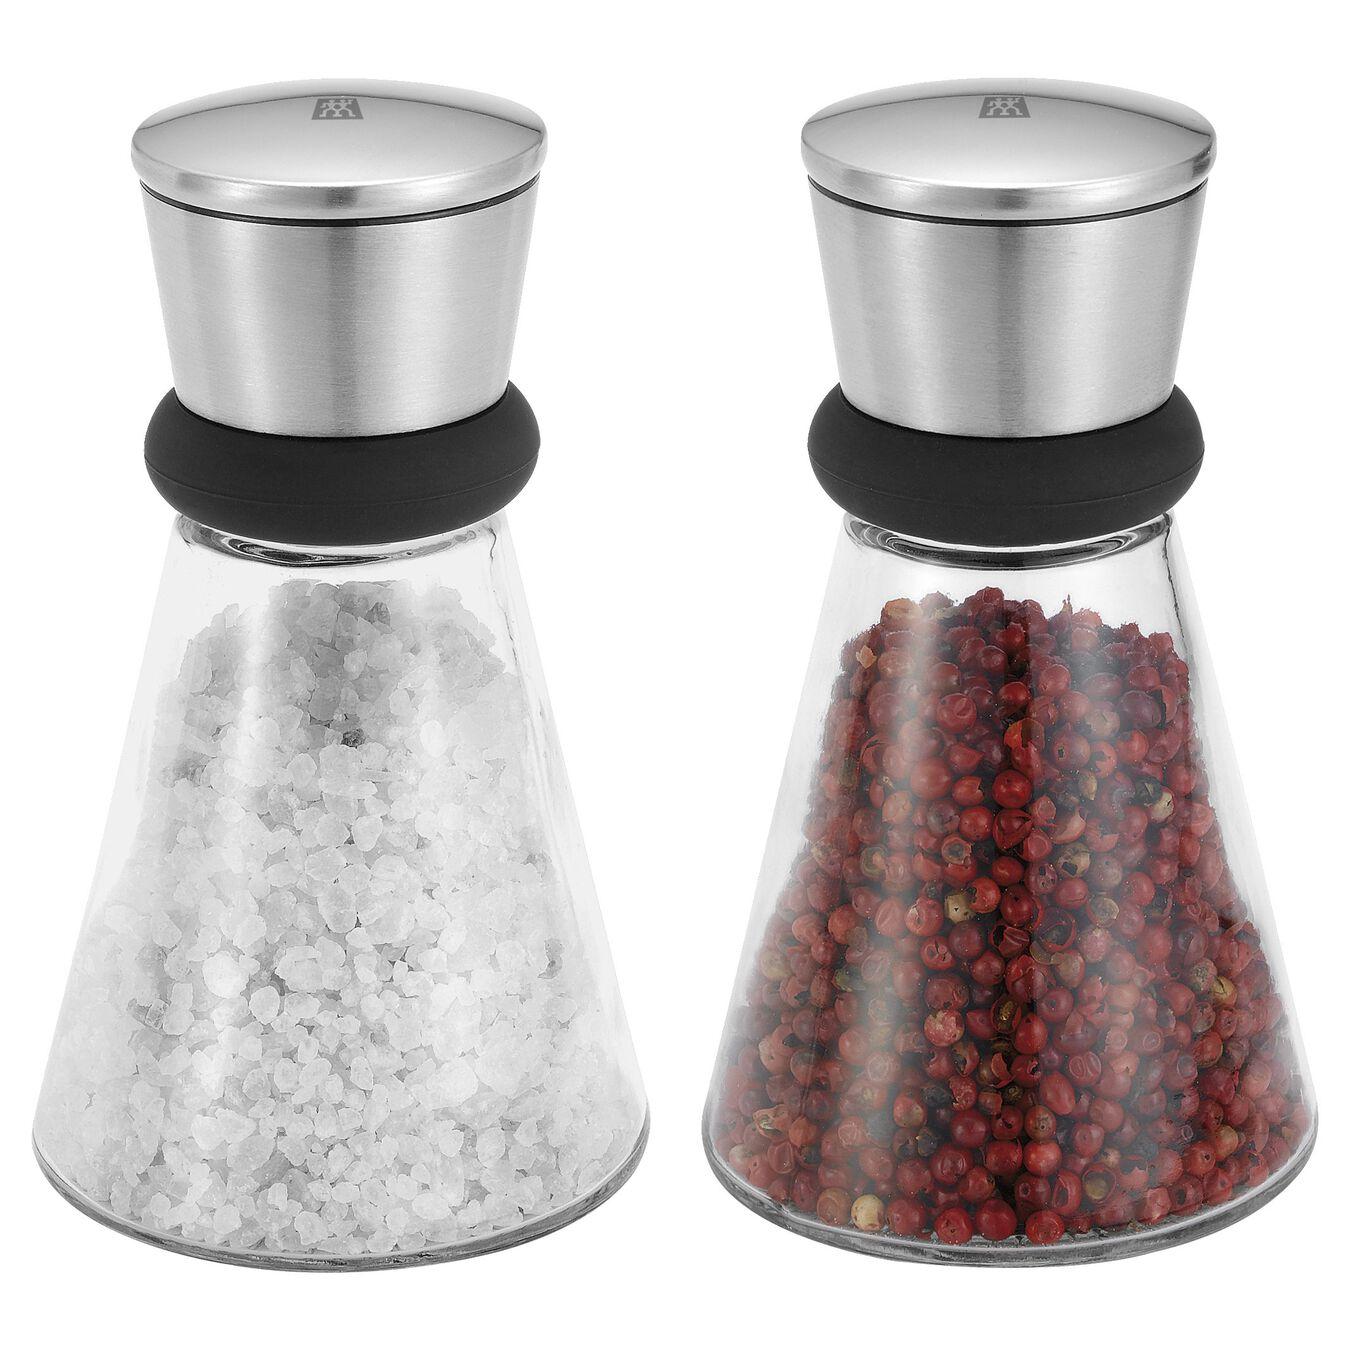 2 Piece Glass Salt/pepper mill,,large 1